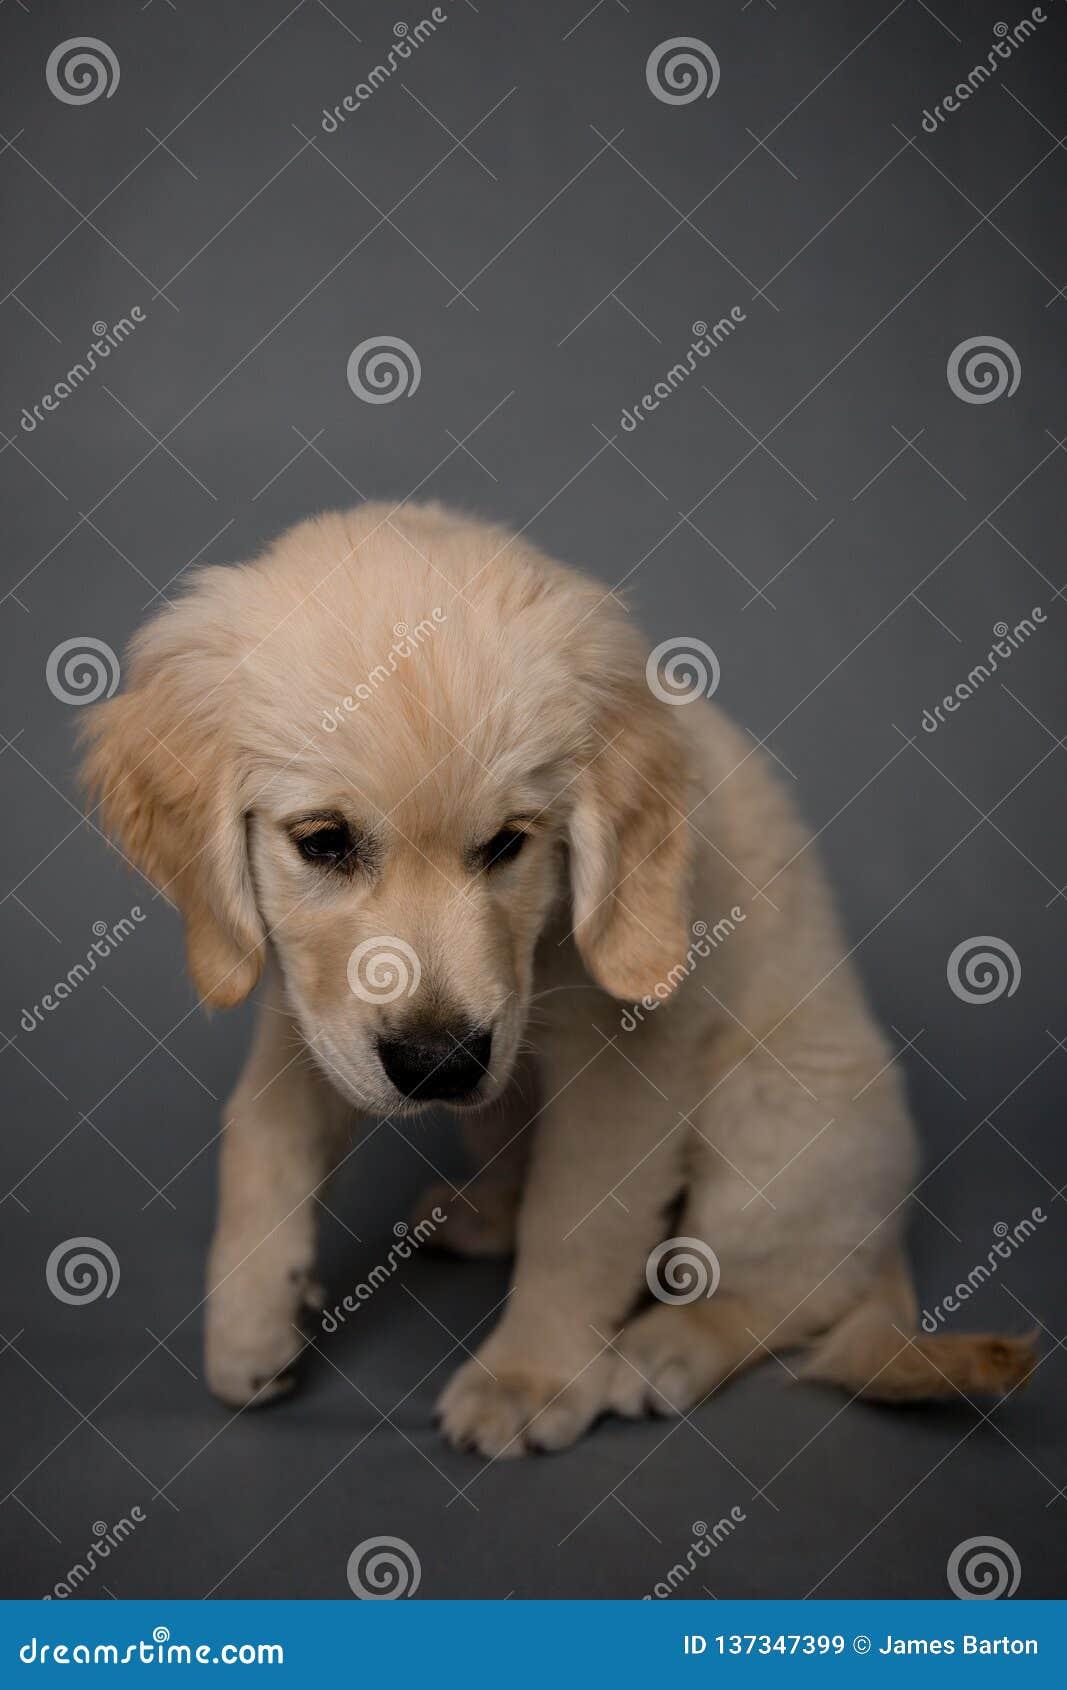 Golden Retriever Puppy Dog on grey background